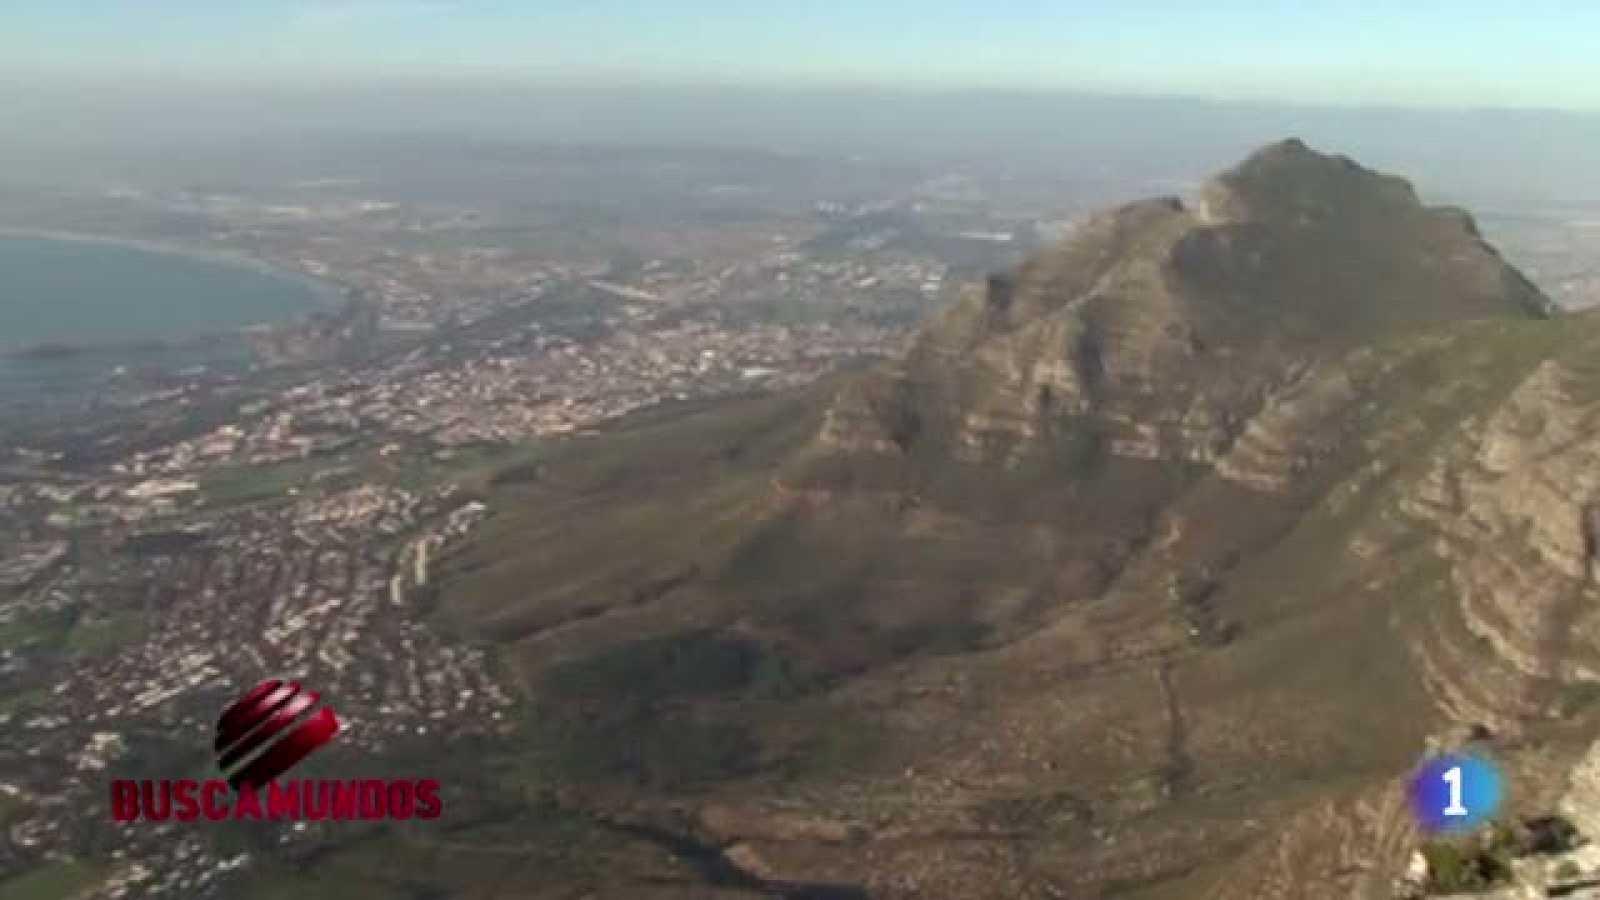 Buscamundos - Sudáfrica en invierno - Ver ahora